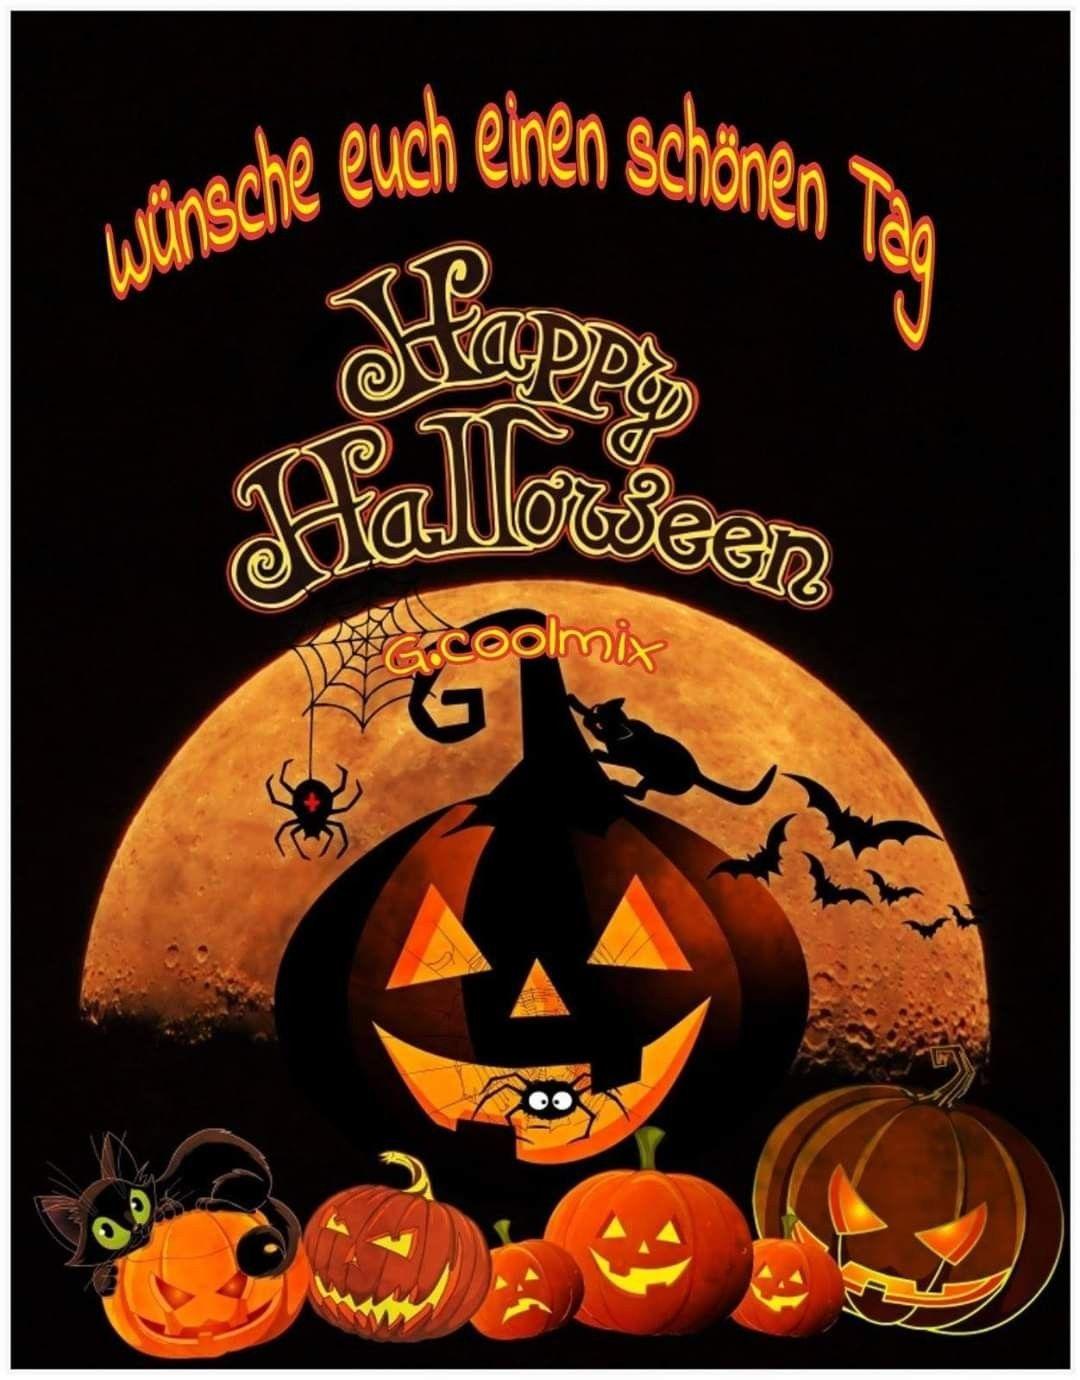 Pin von Kenallen allen auf Halloween pics Halloween